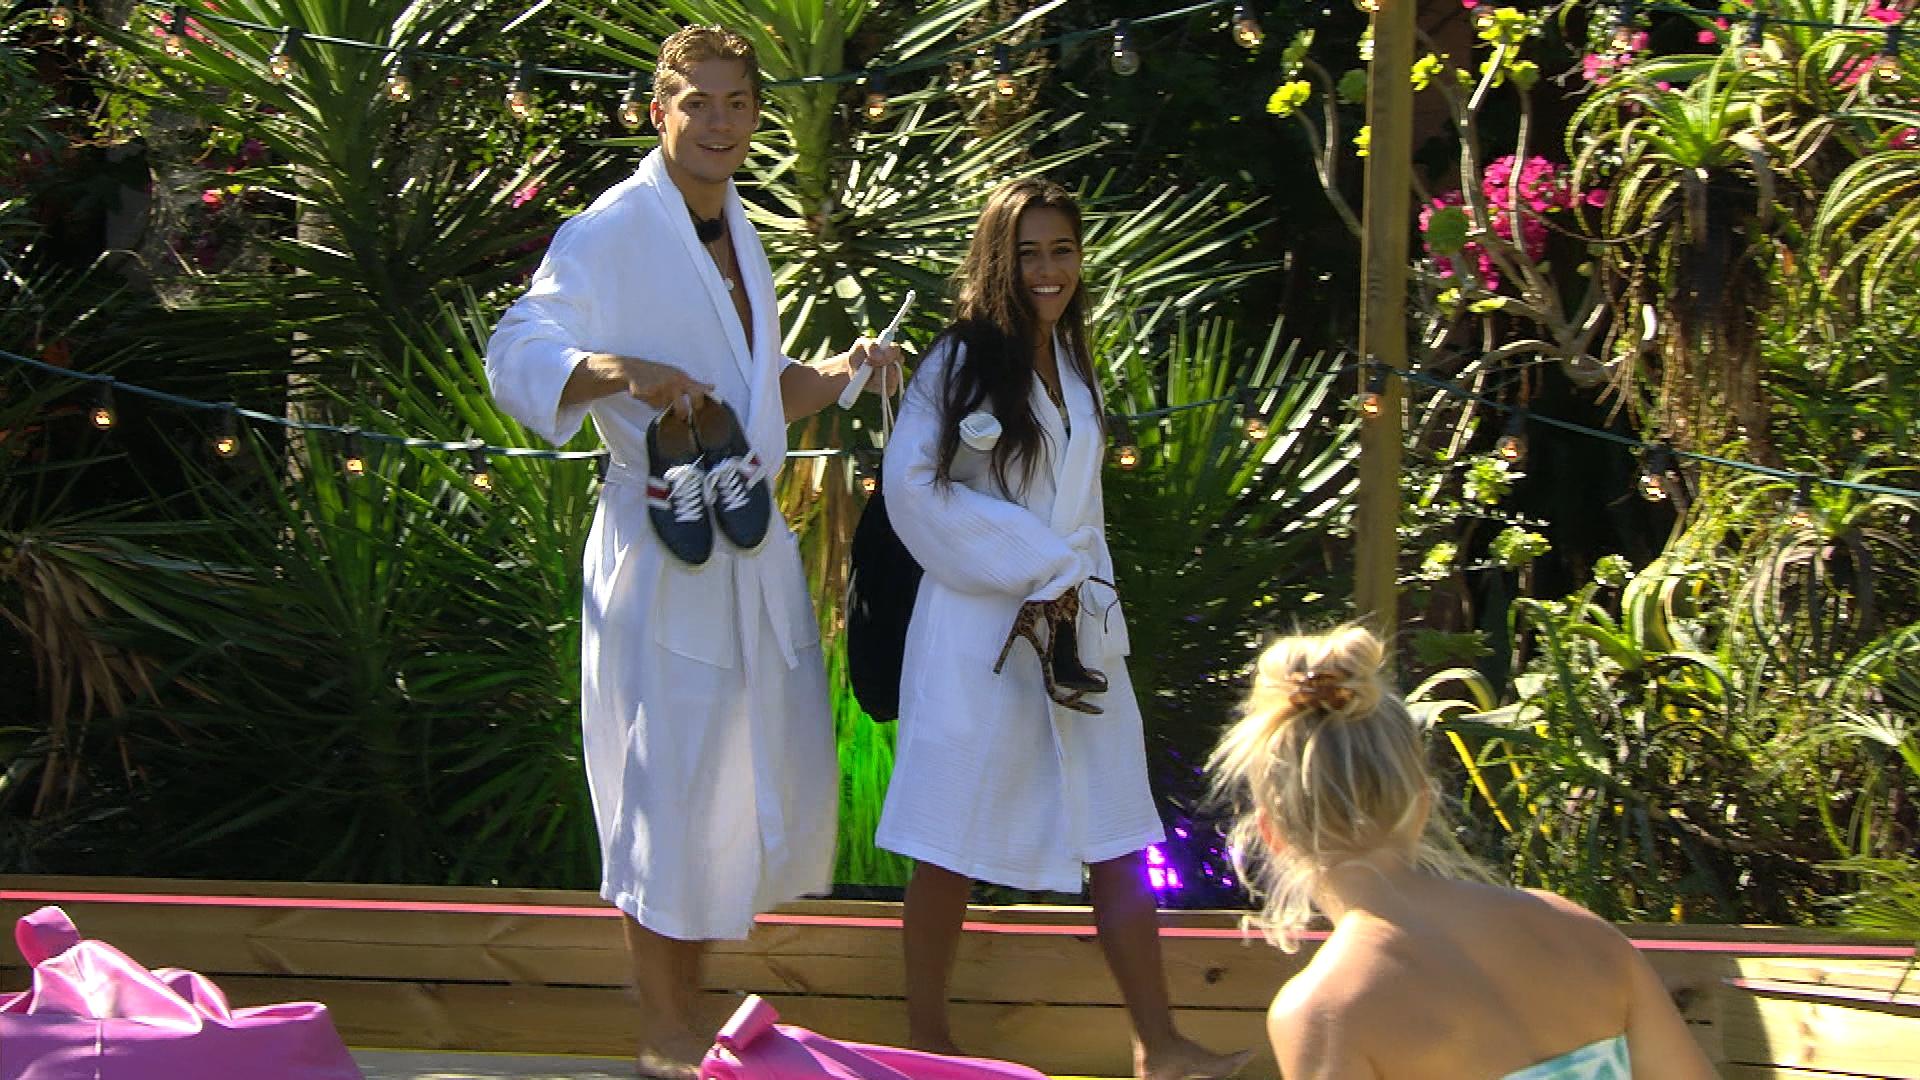 Nach ihrer Liebesnacht in der Private-Suite kommen Henrik und Aurelia zurück zur Villa.